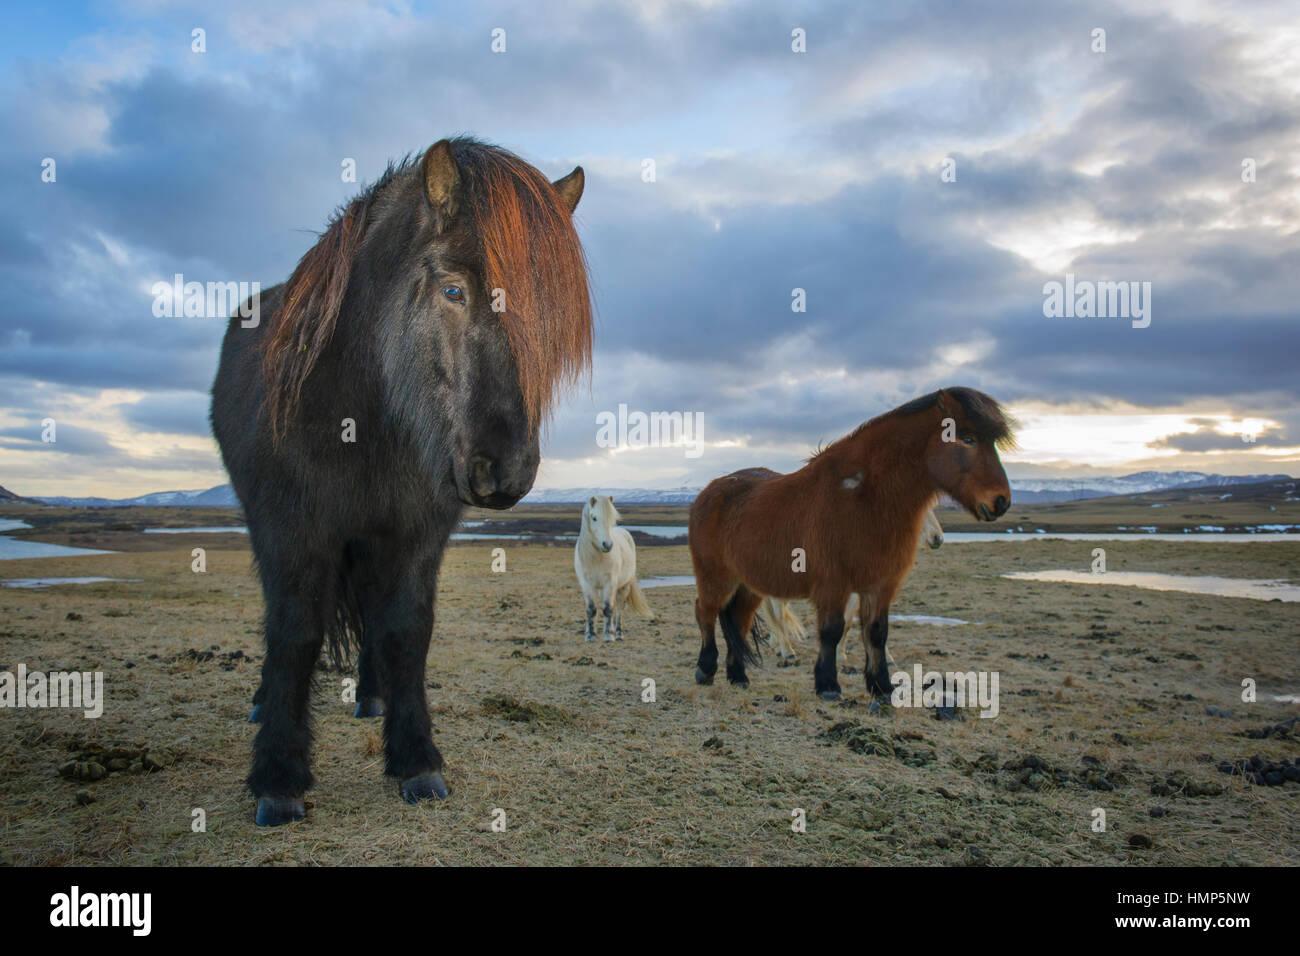 Cavallo islandese (Eguus cabballus) ritratto nel paesaggio islandese, Islanda. Immagini Stock